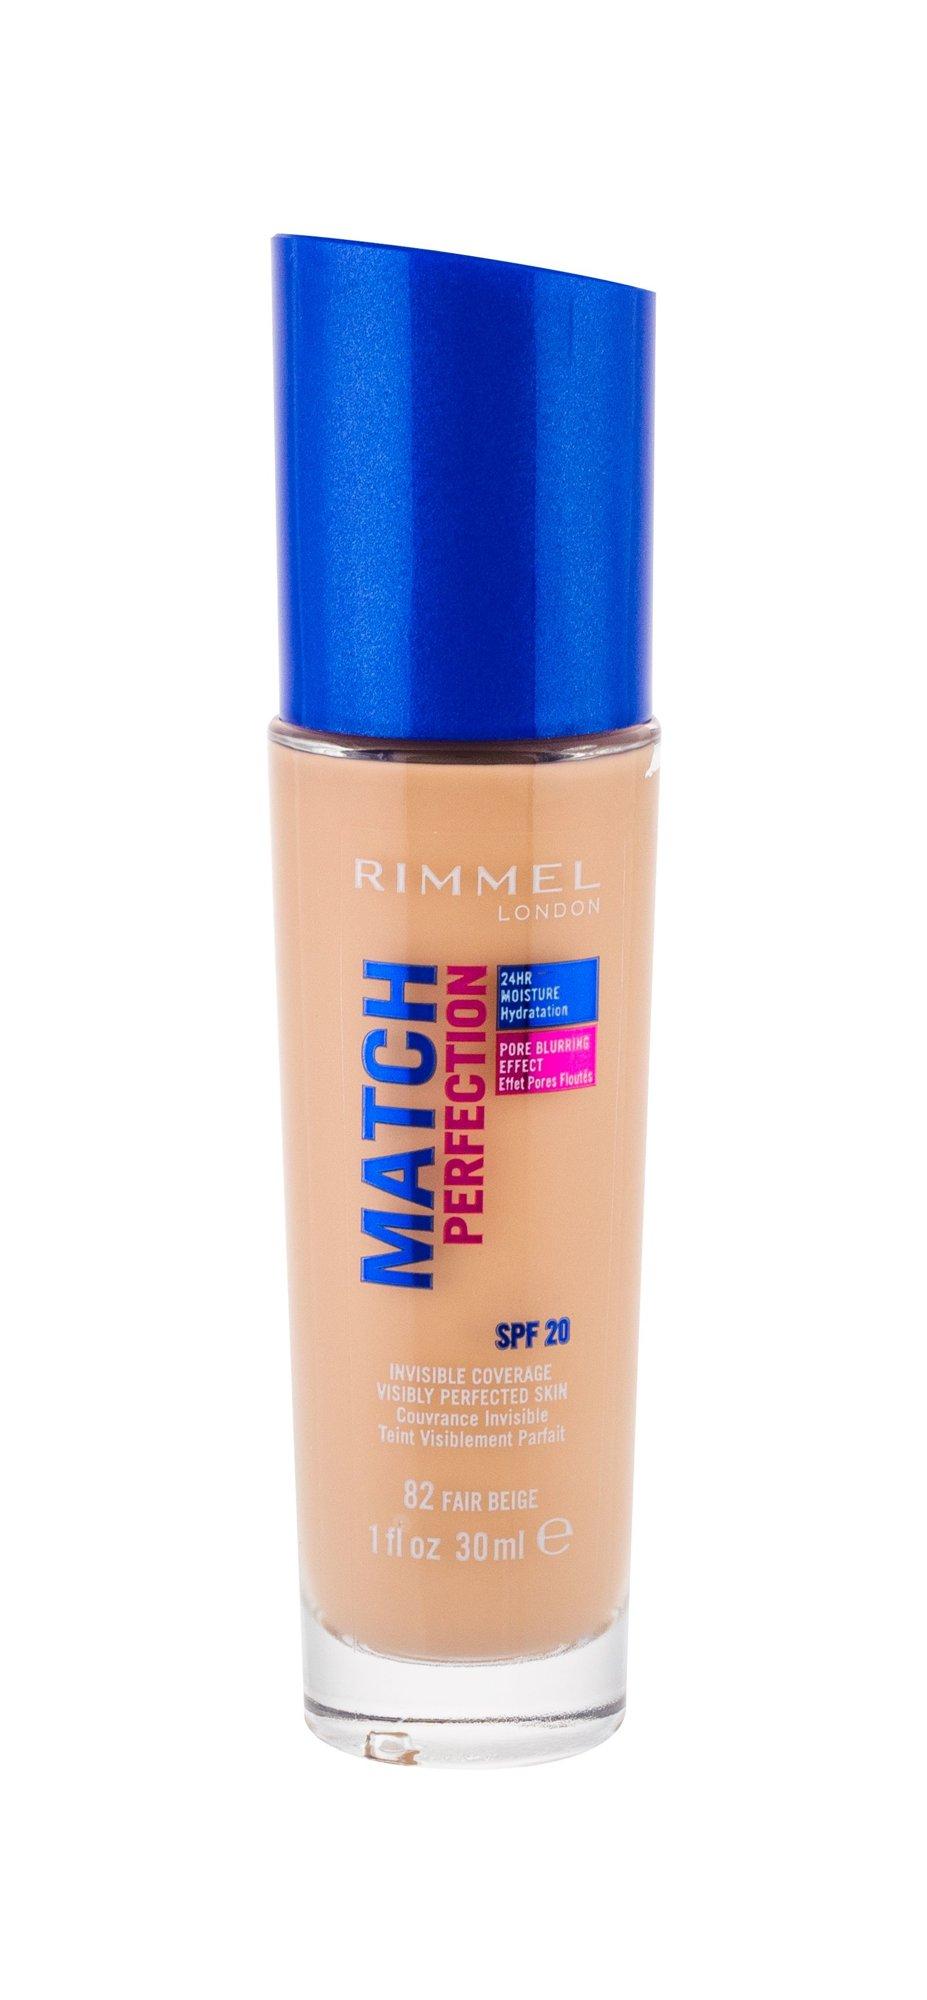 Rimmel London Match Perfection Makeup 30ml 82 Fair Beige